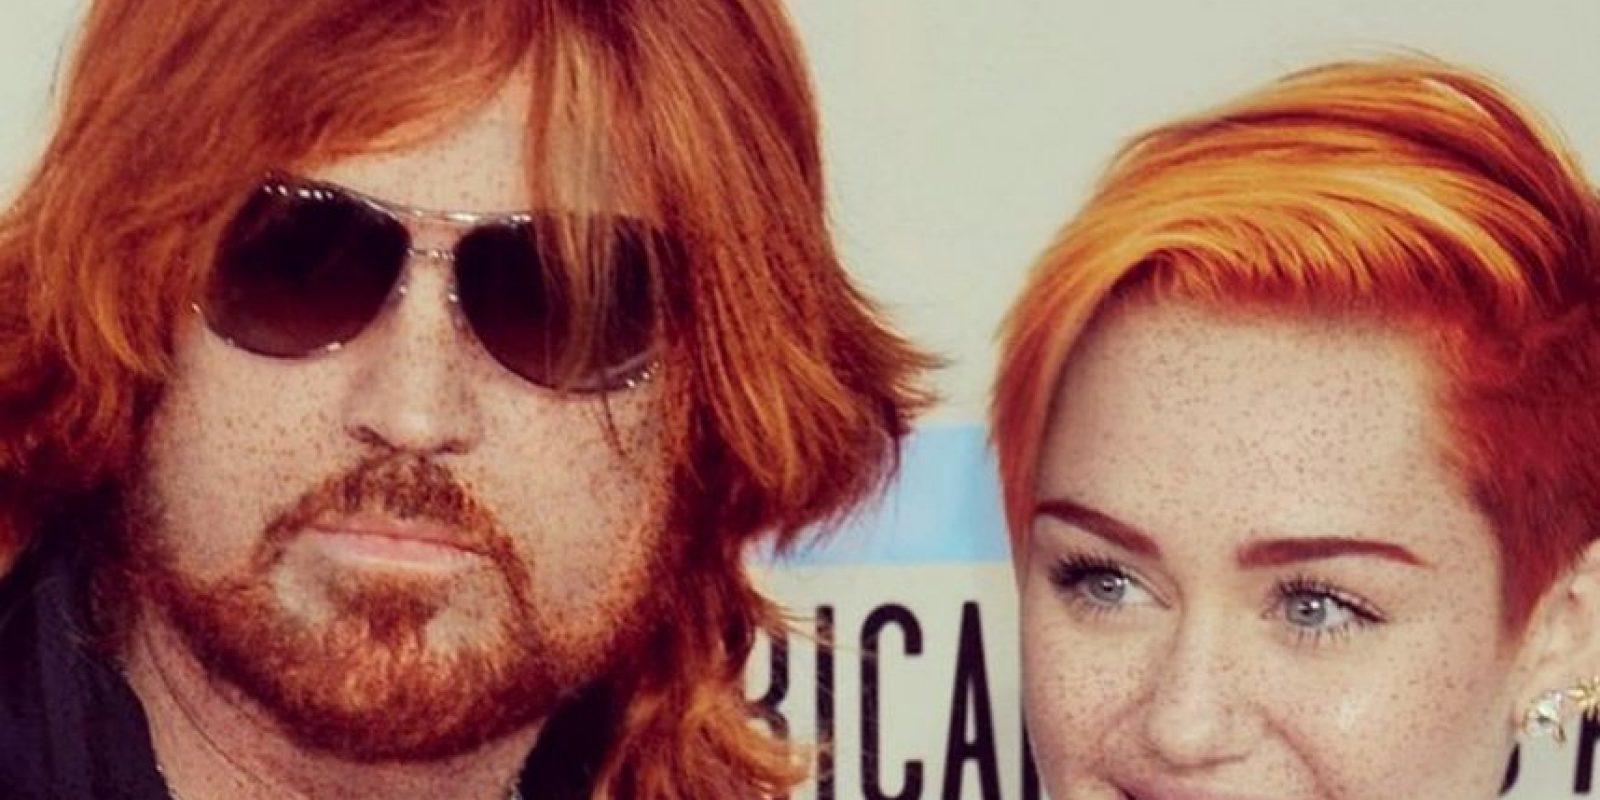 Milli Ray y Miley Cyrus Foto:Vía instagram.com/putarangonit/